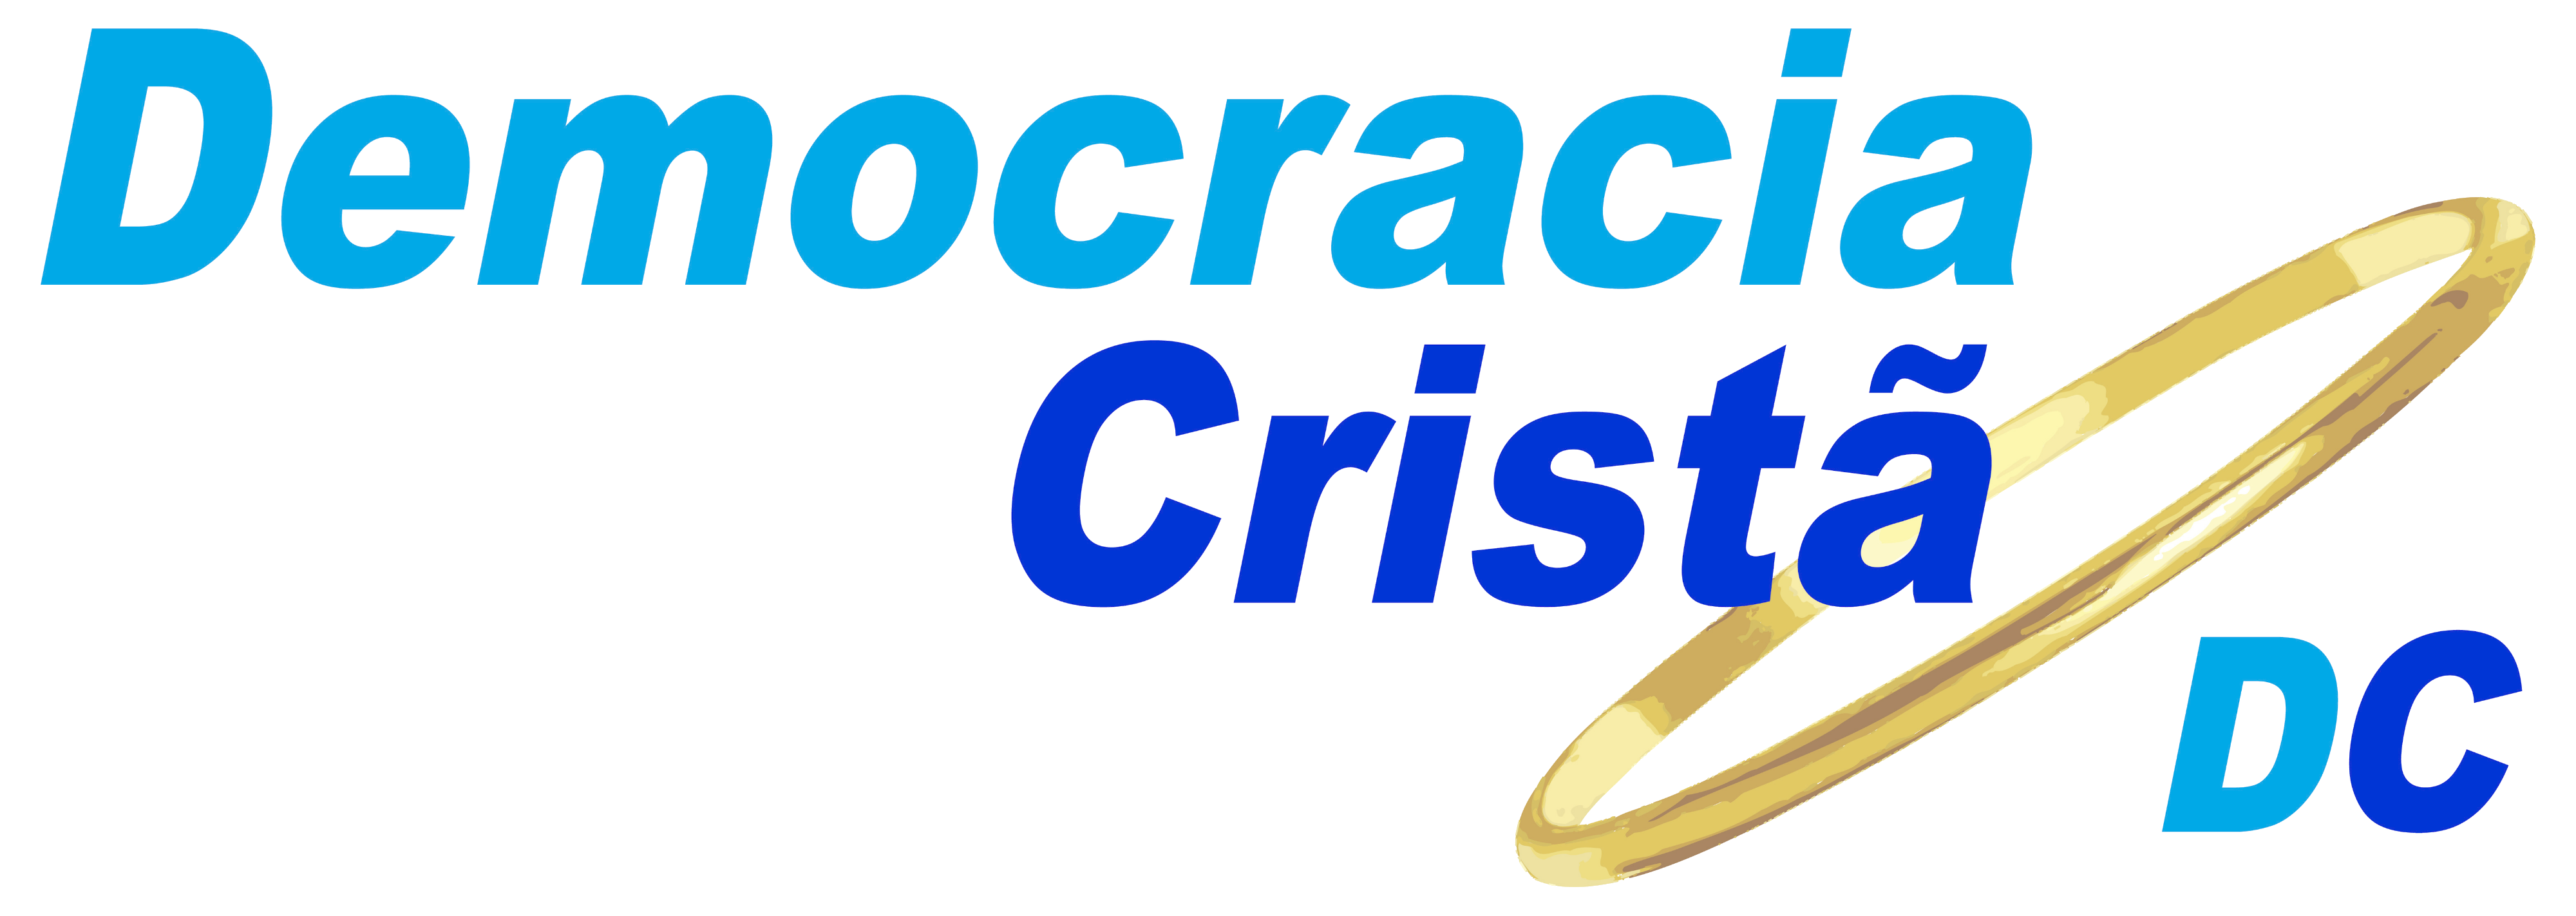 Democracia Cristã